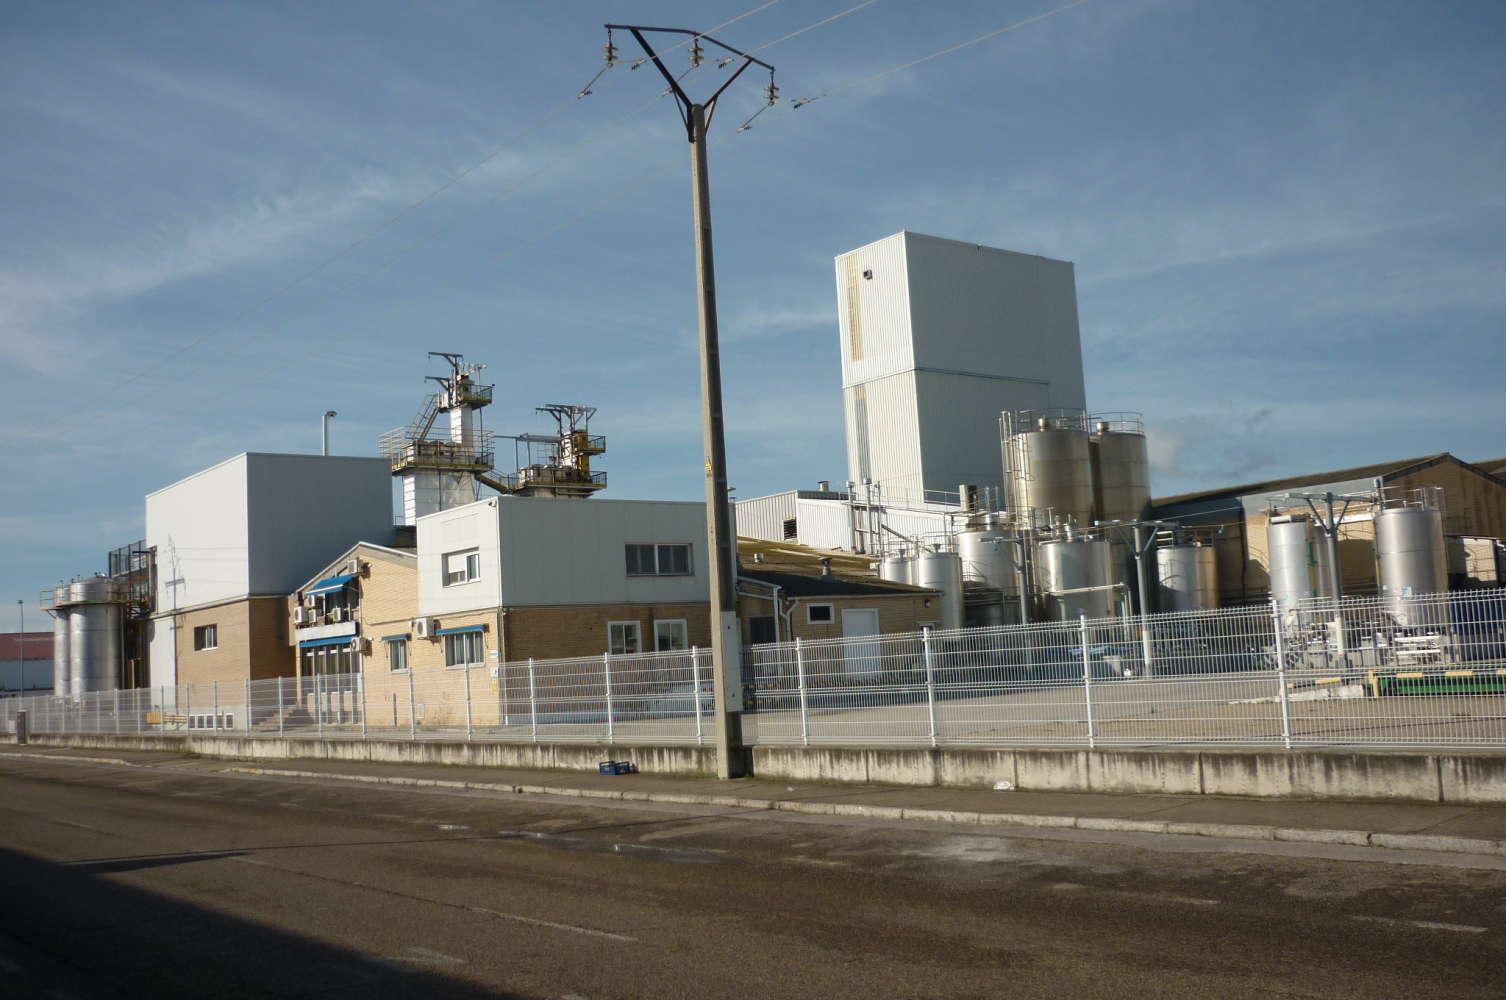 Naves industriales y logísticas Palencia, 34004 - Nave Industrial - B0284 Palencia - 1290